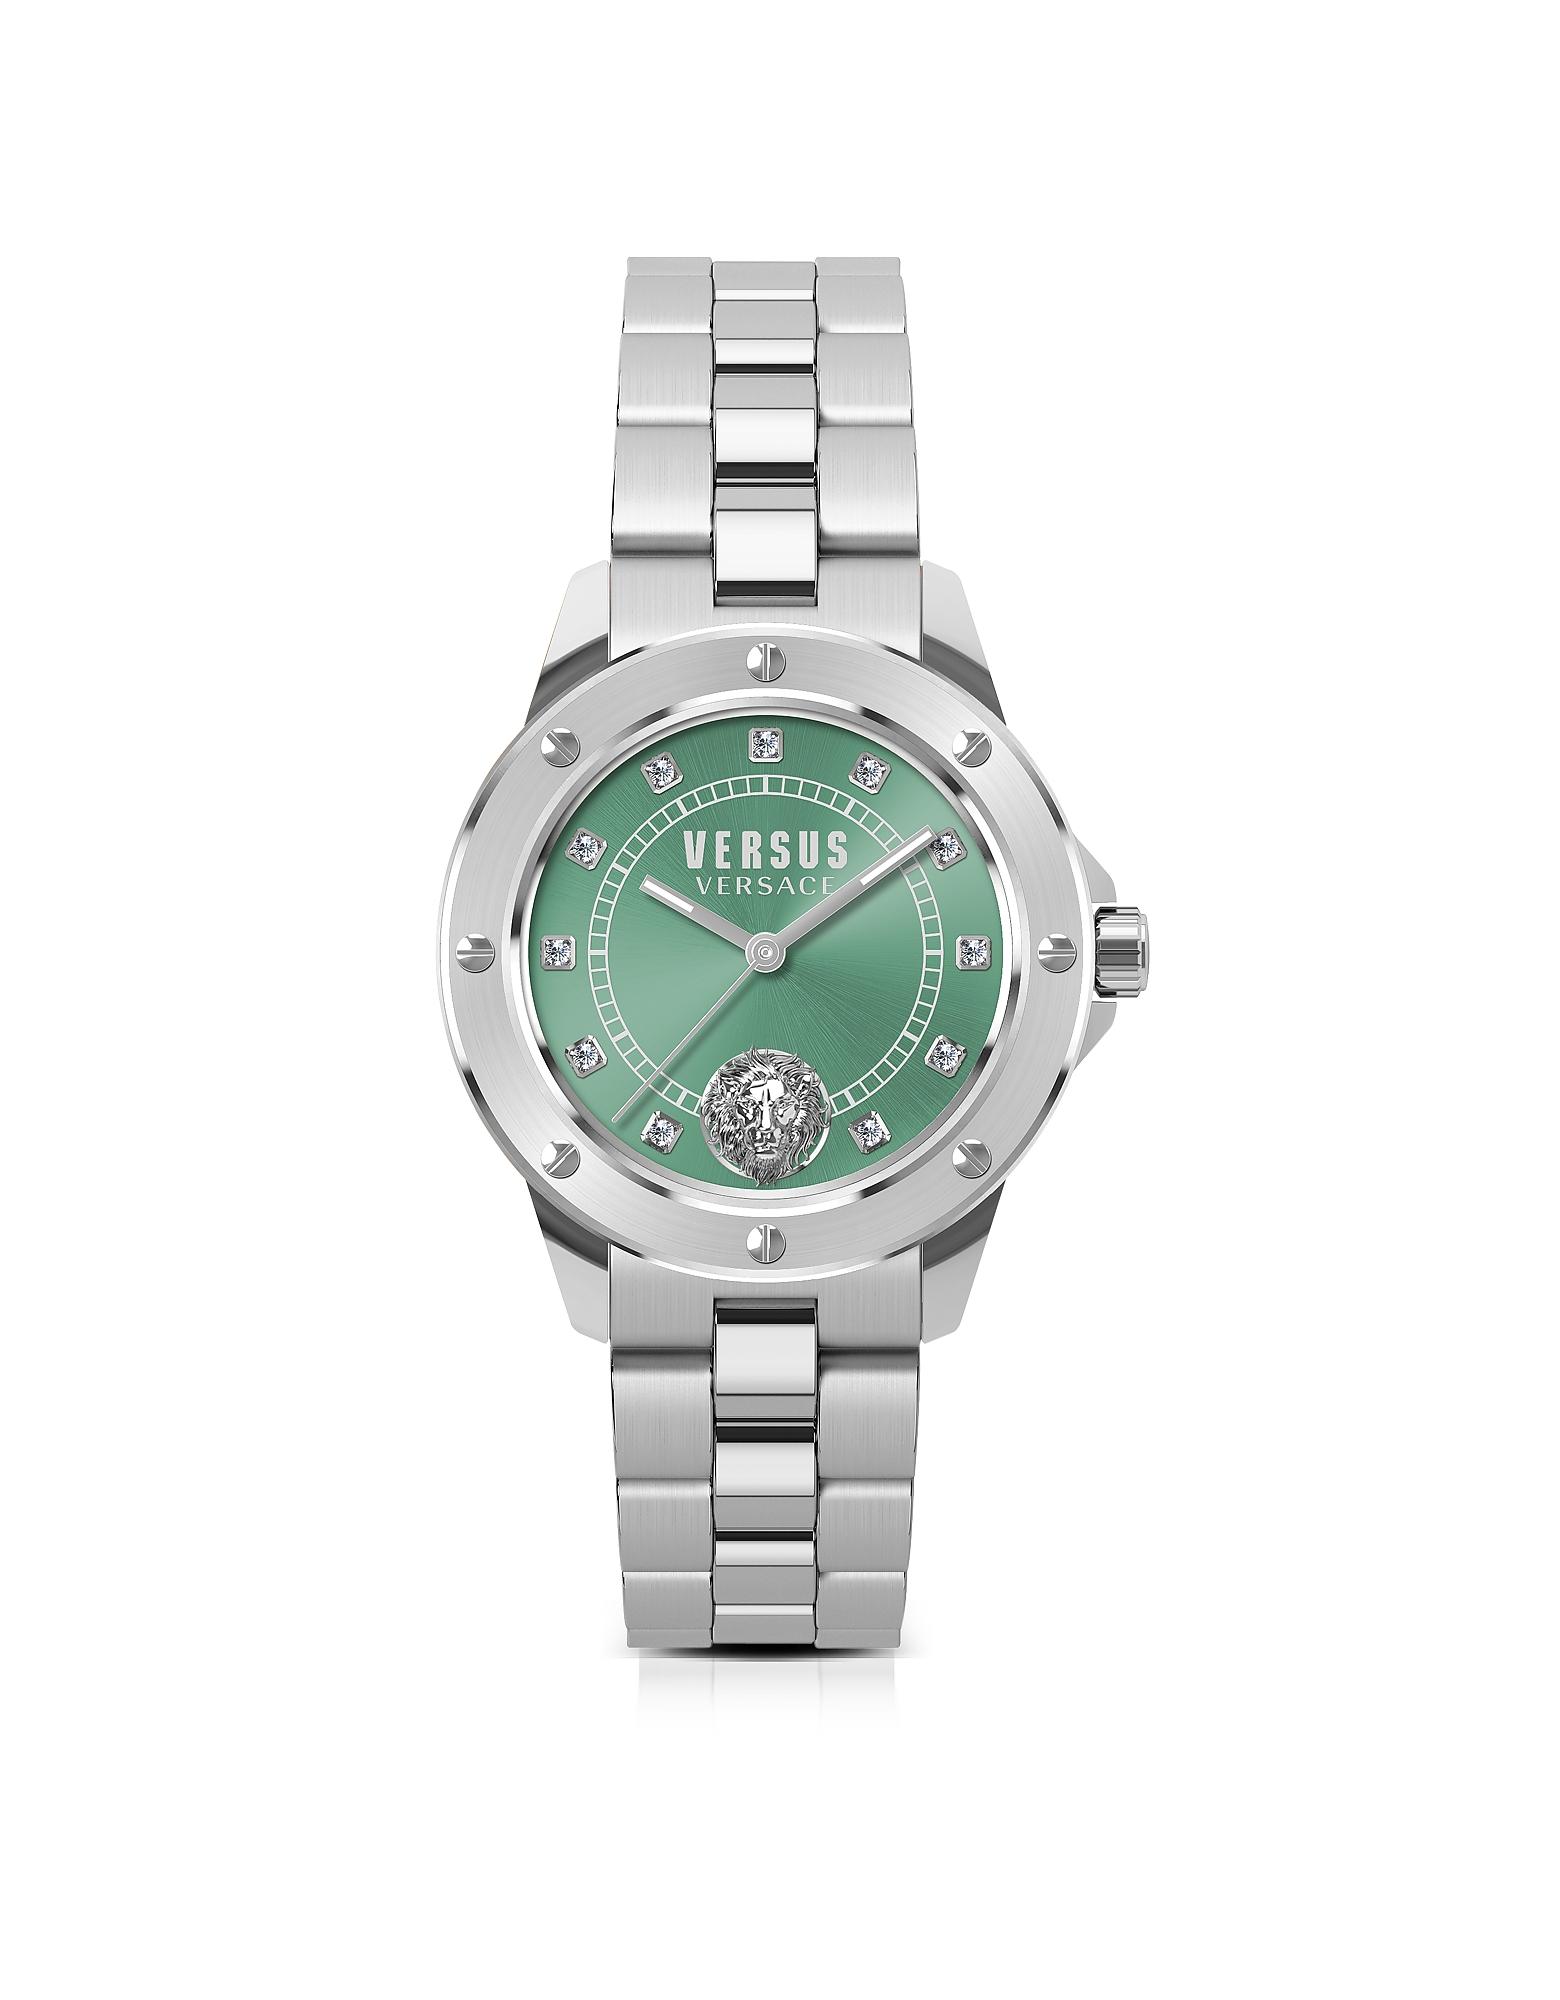 South Horizons - Серебристые Женские Часы из Нержавеющей Стали с Браслетом, Зеленым Циферблатом и Кристаллами